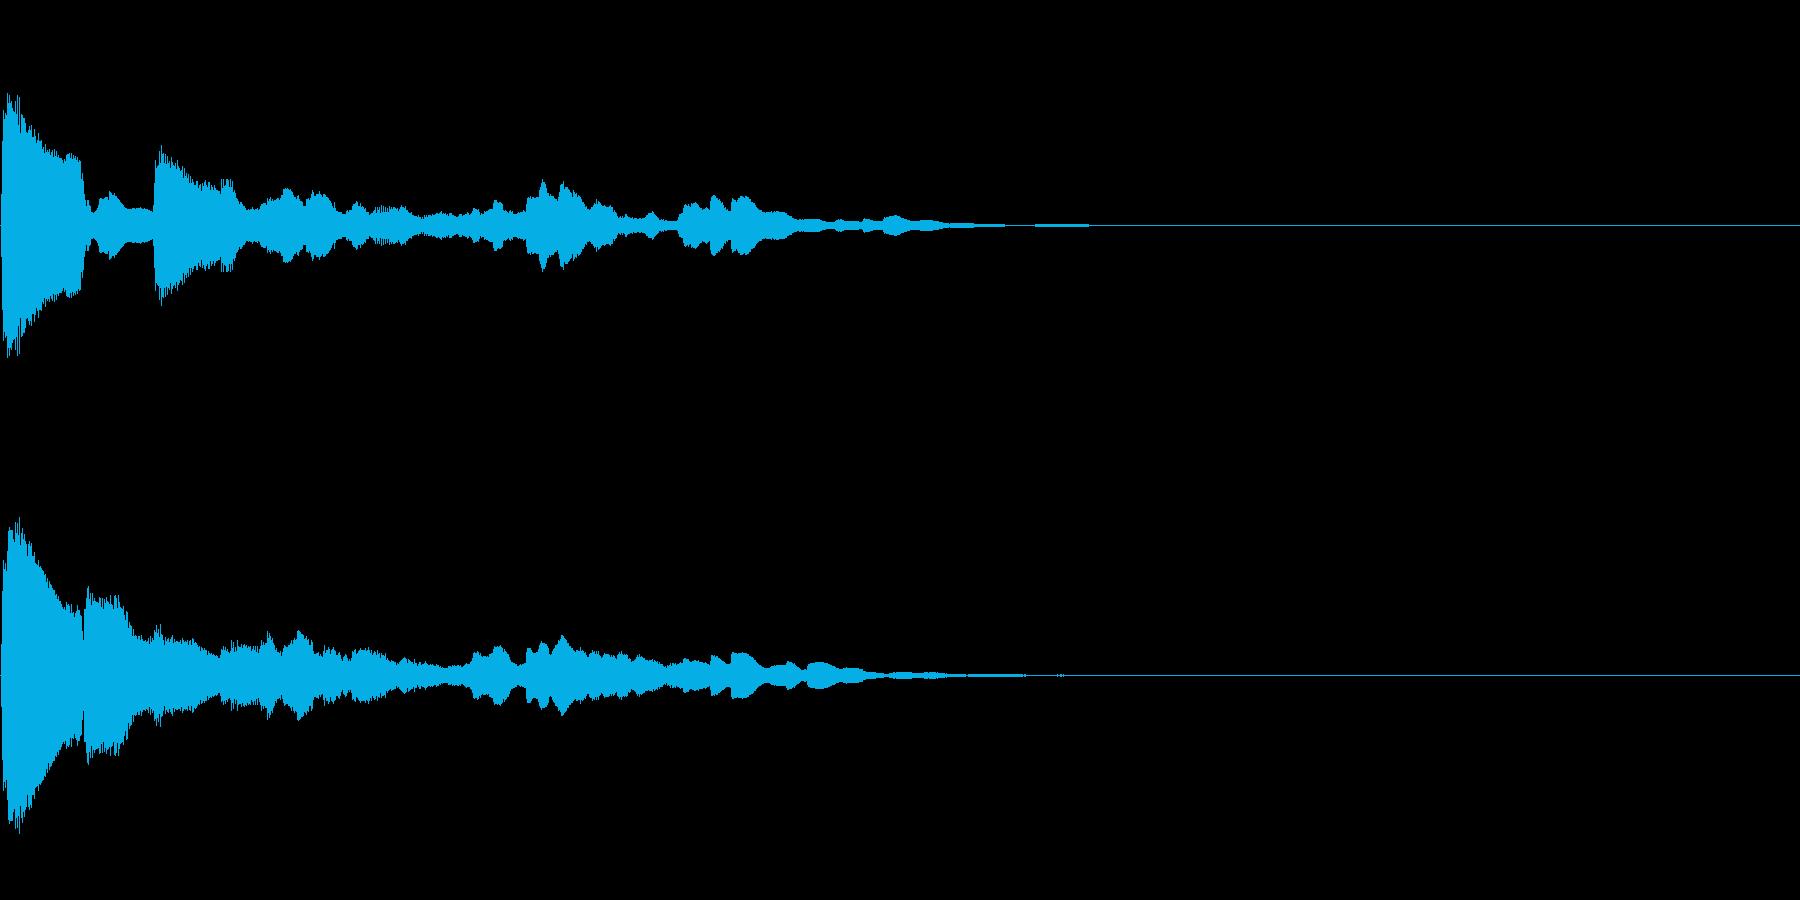 効果音 テロップ  クリック キラキラの再生済みの波形